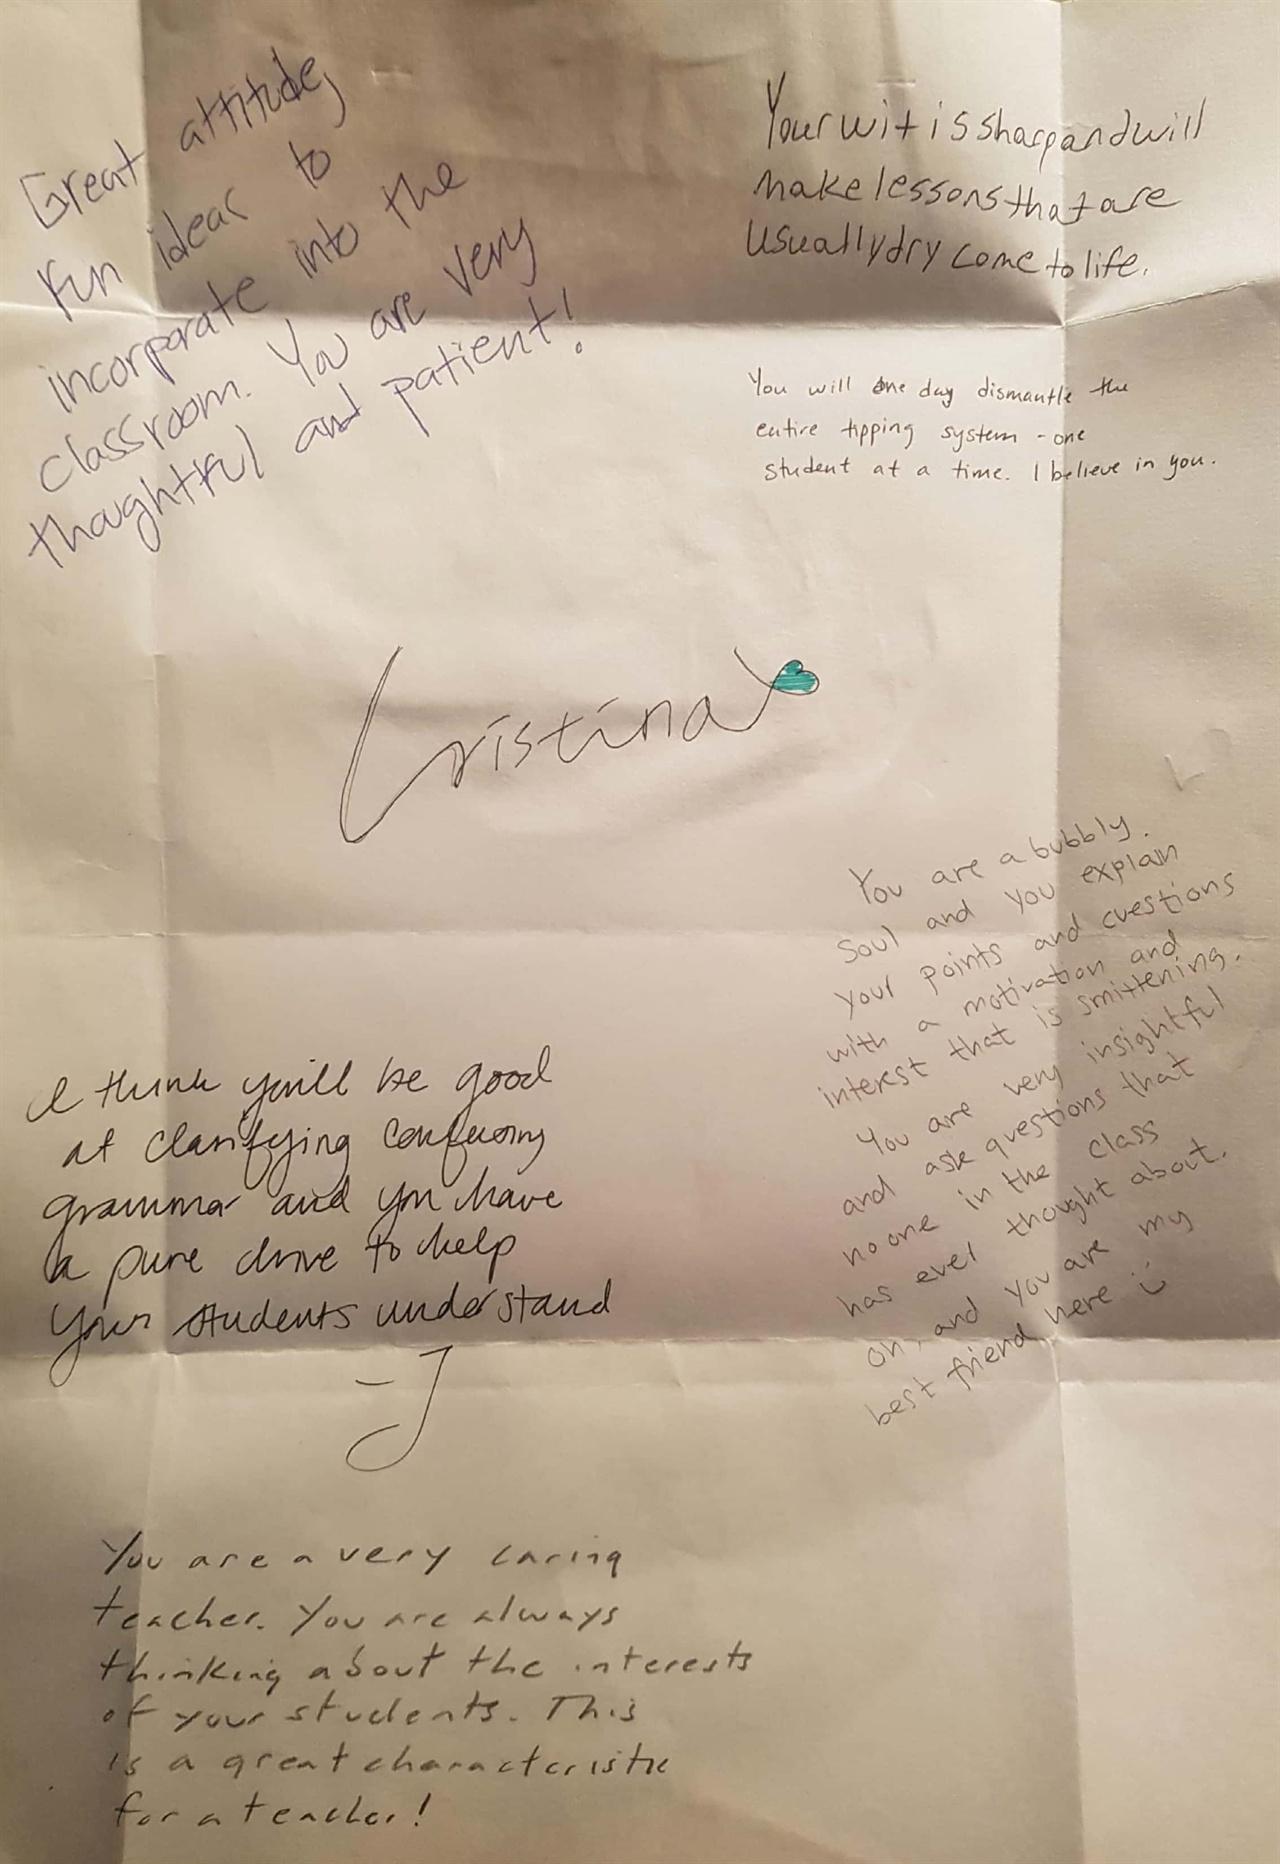 강사님을 포함 반의 모두가 손수 롤링페이퍼를 써주었다.